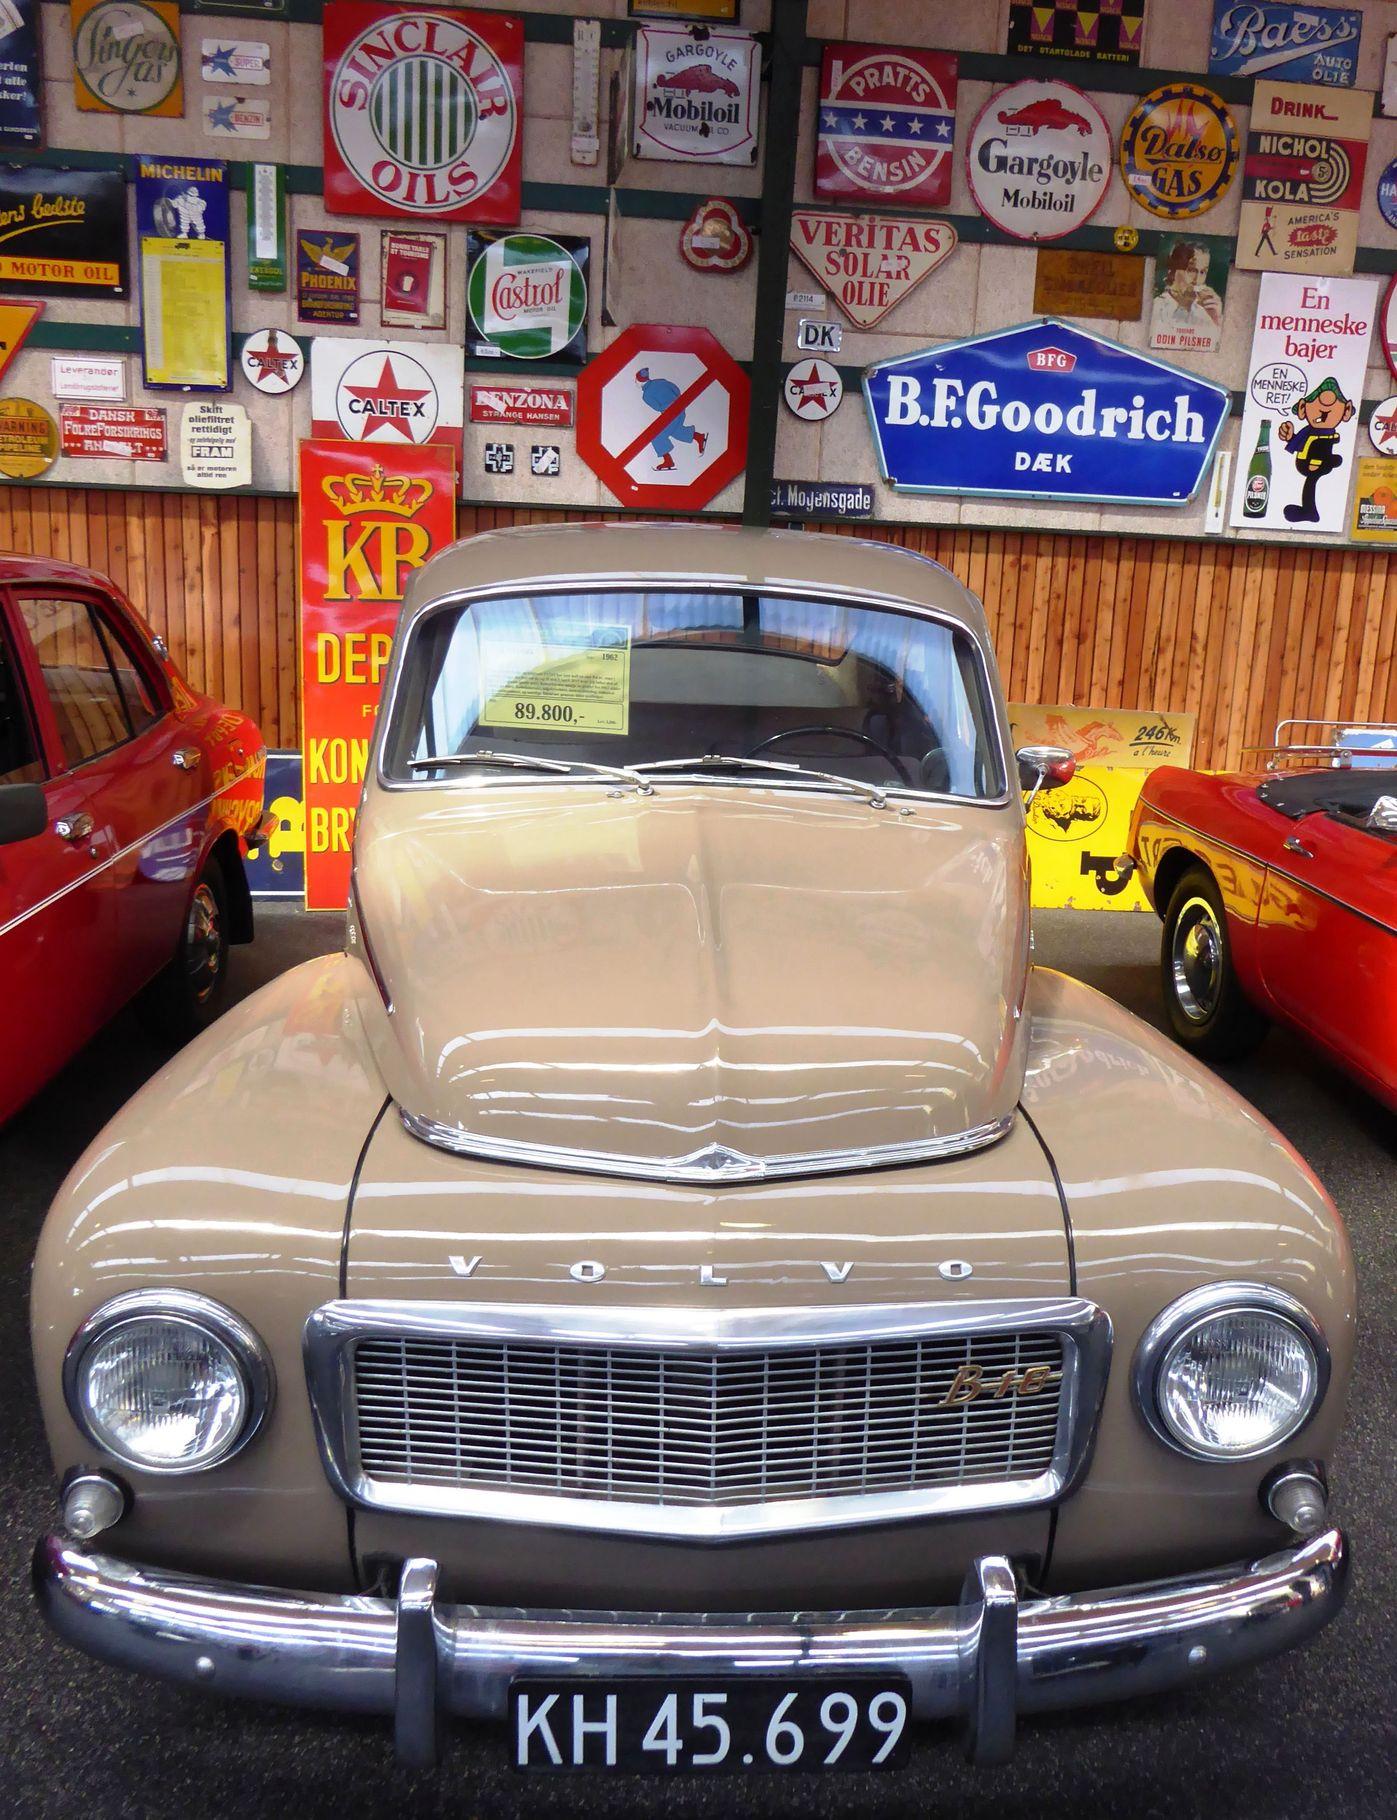 Volvo PV 544 1,8 årgang 1962 til en pris af 89.800 kr.